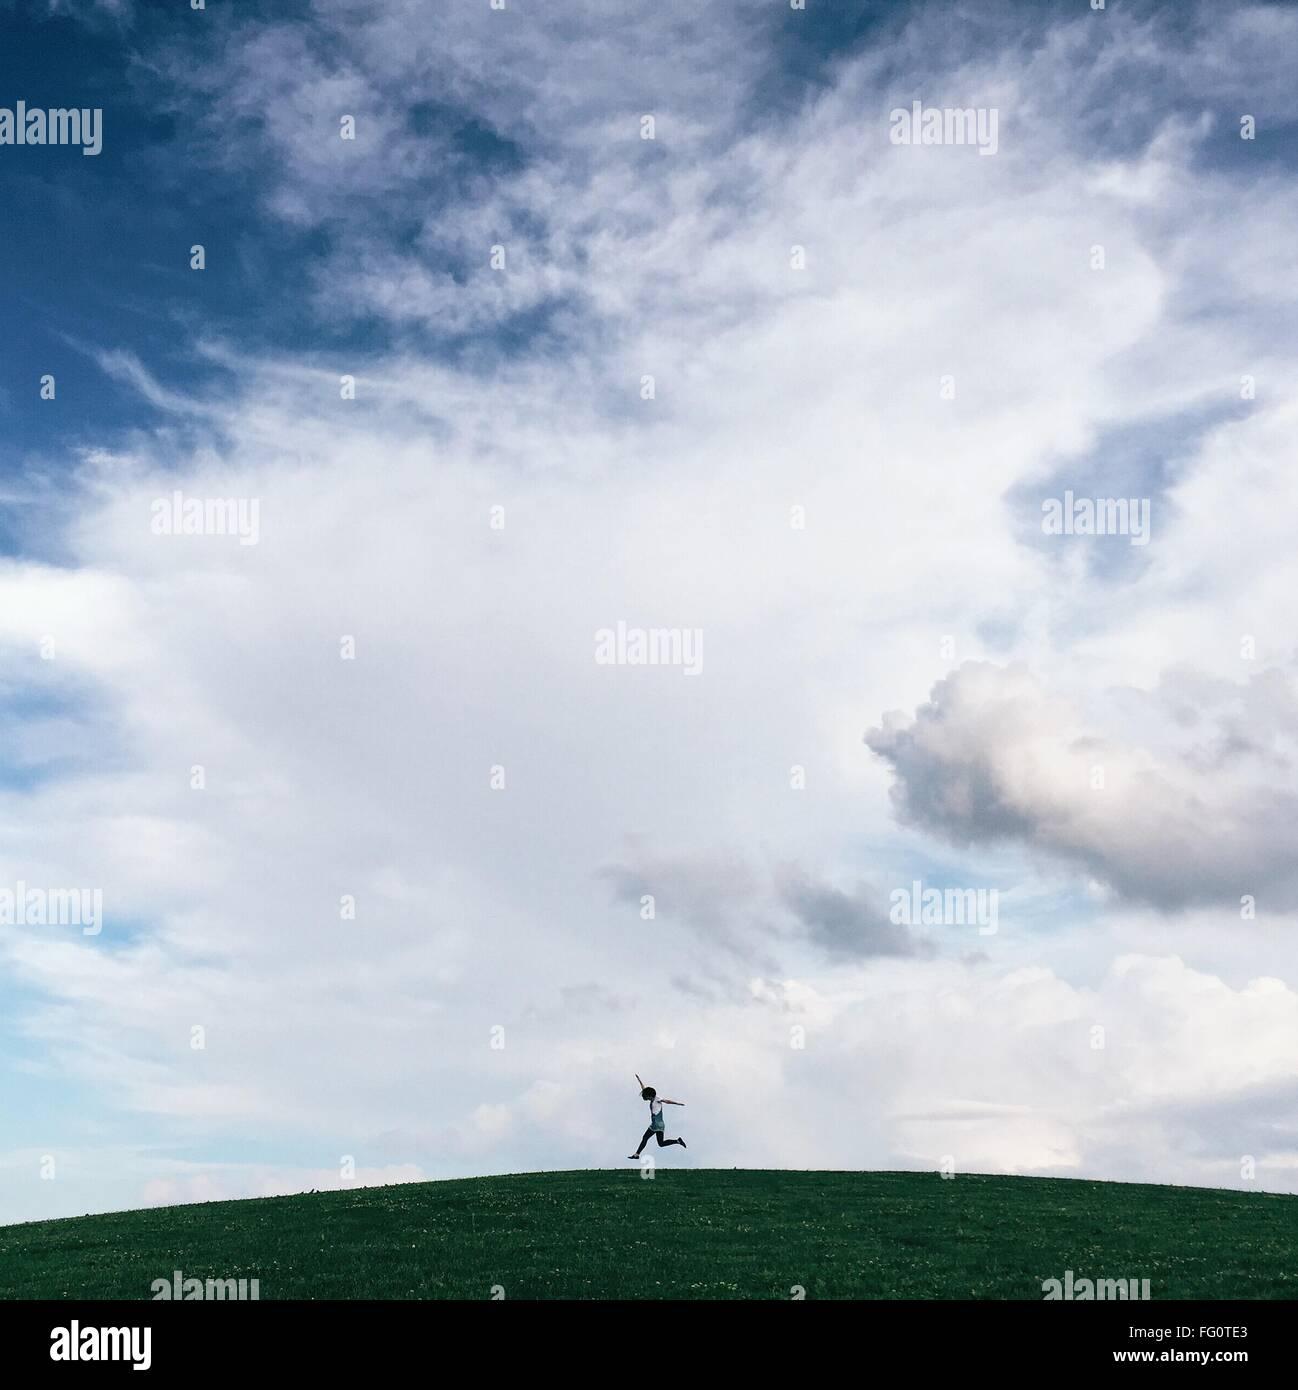 Ángulo de visión baja de persona saltando en grassy hill contra el cielo nublado Foto de stock